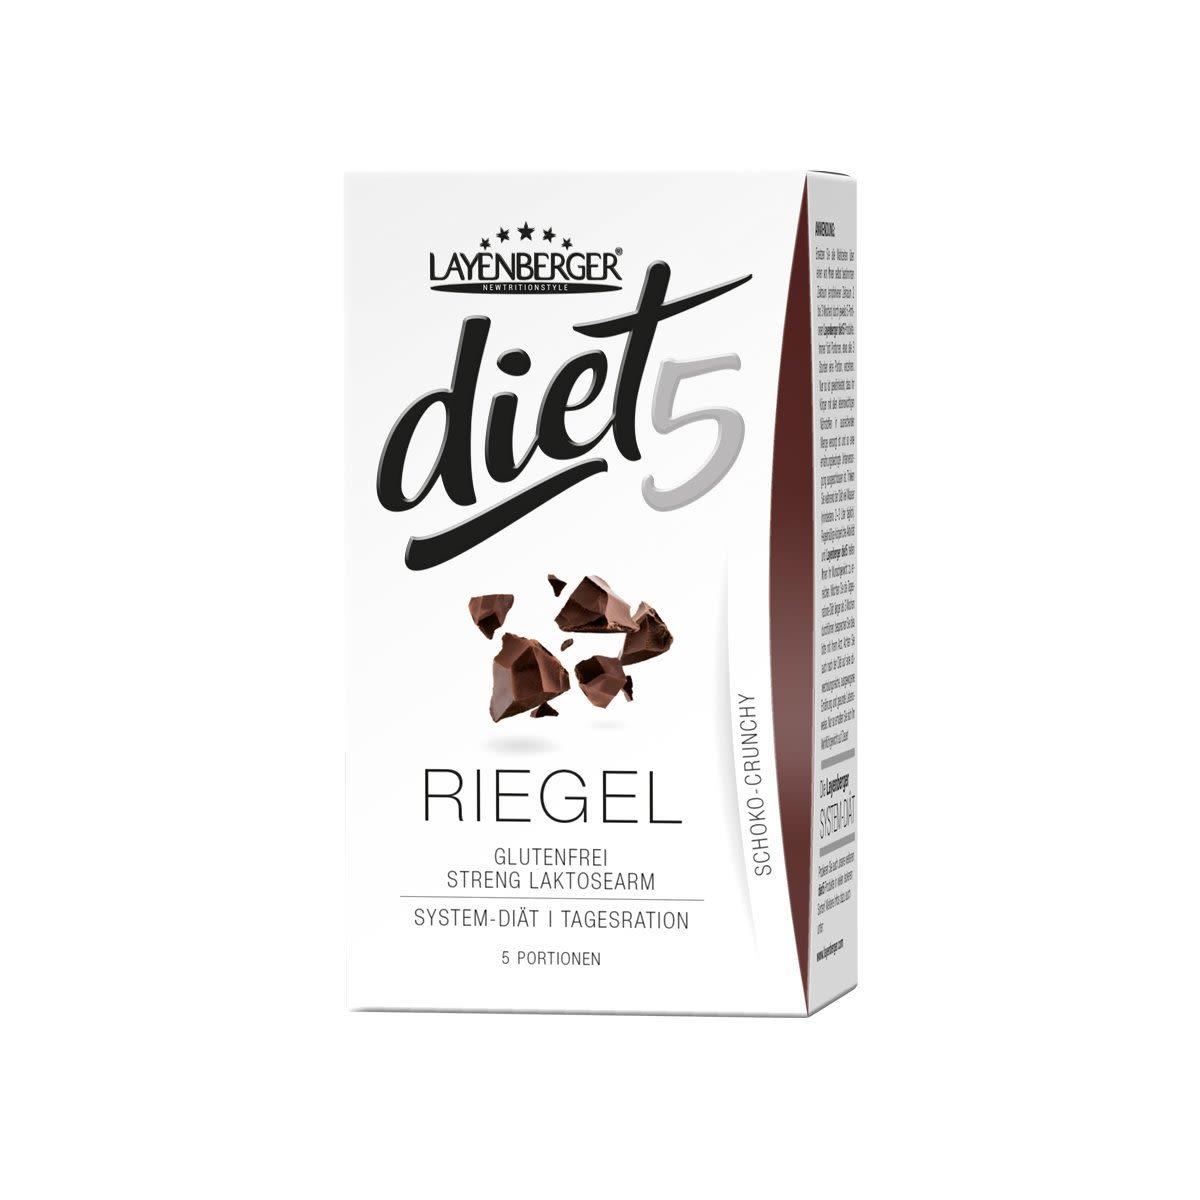 diet5 Riegel - 5x47g - Schoko-Crunchy